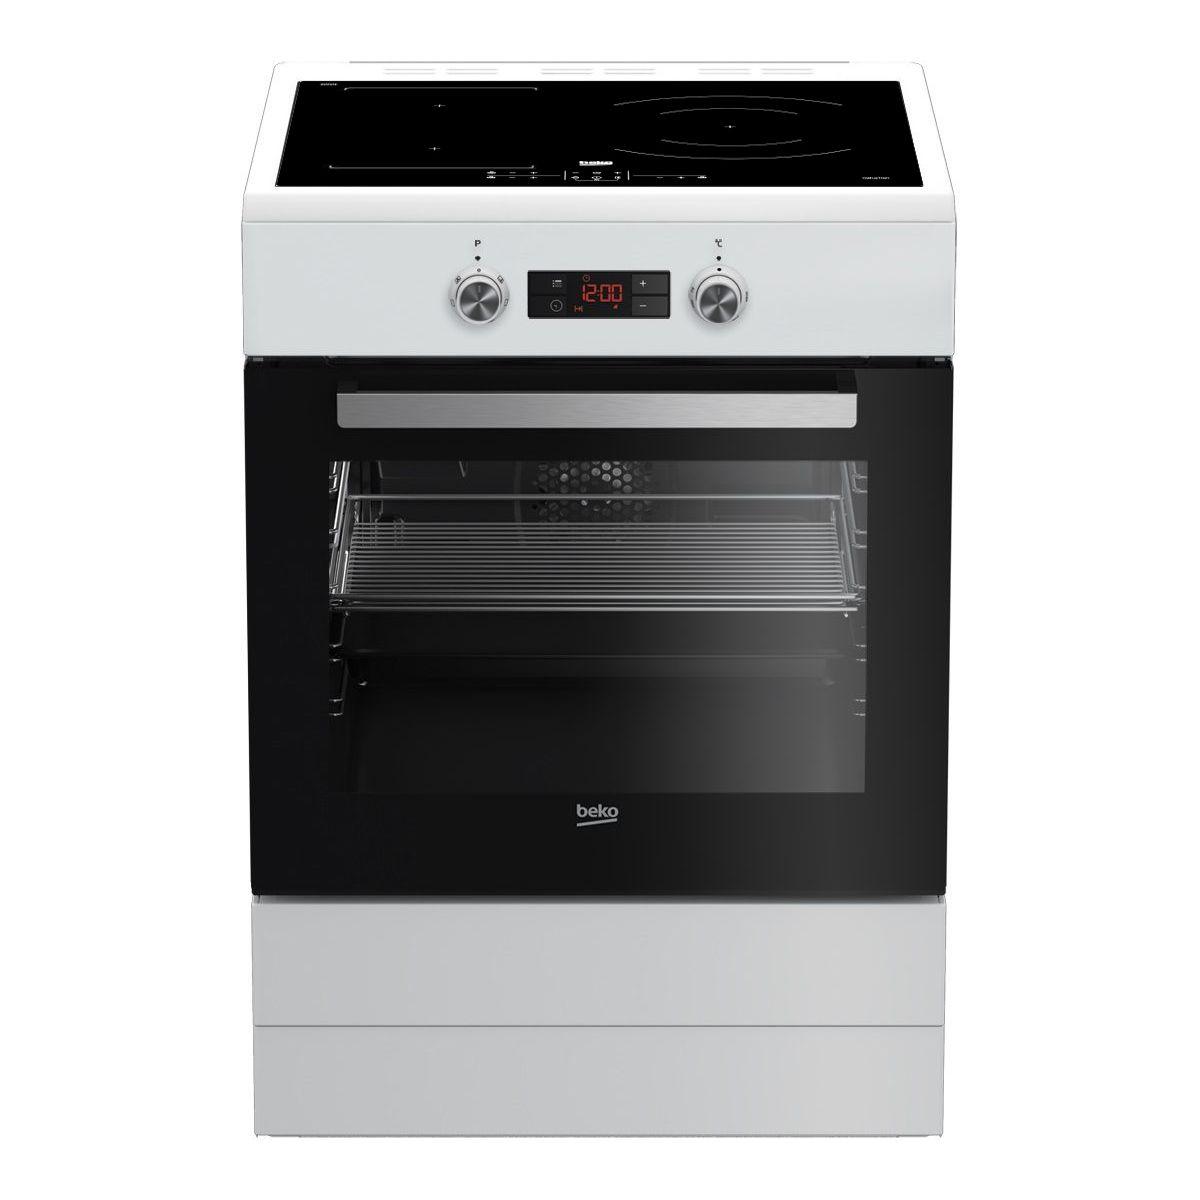 Piano De Cuisson Pas Cher Sauter cuisinière induction beko fse68330wcs pas cher - cuisinière